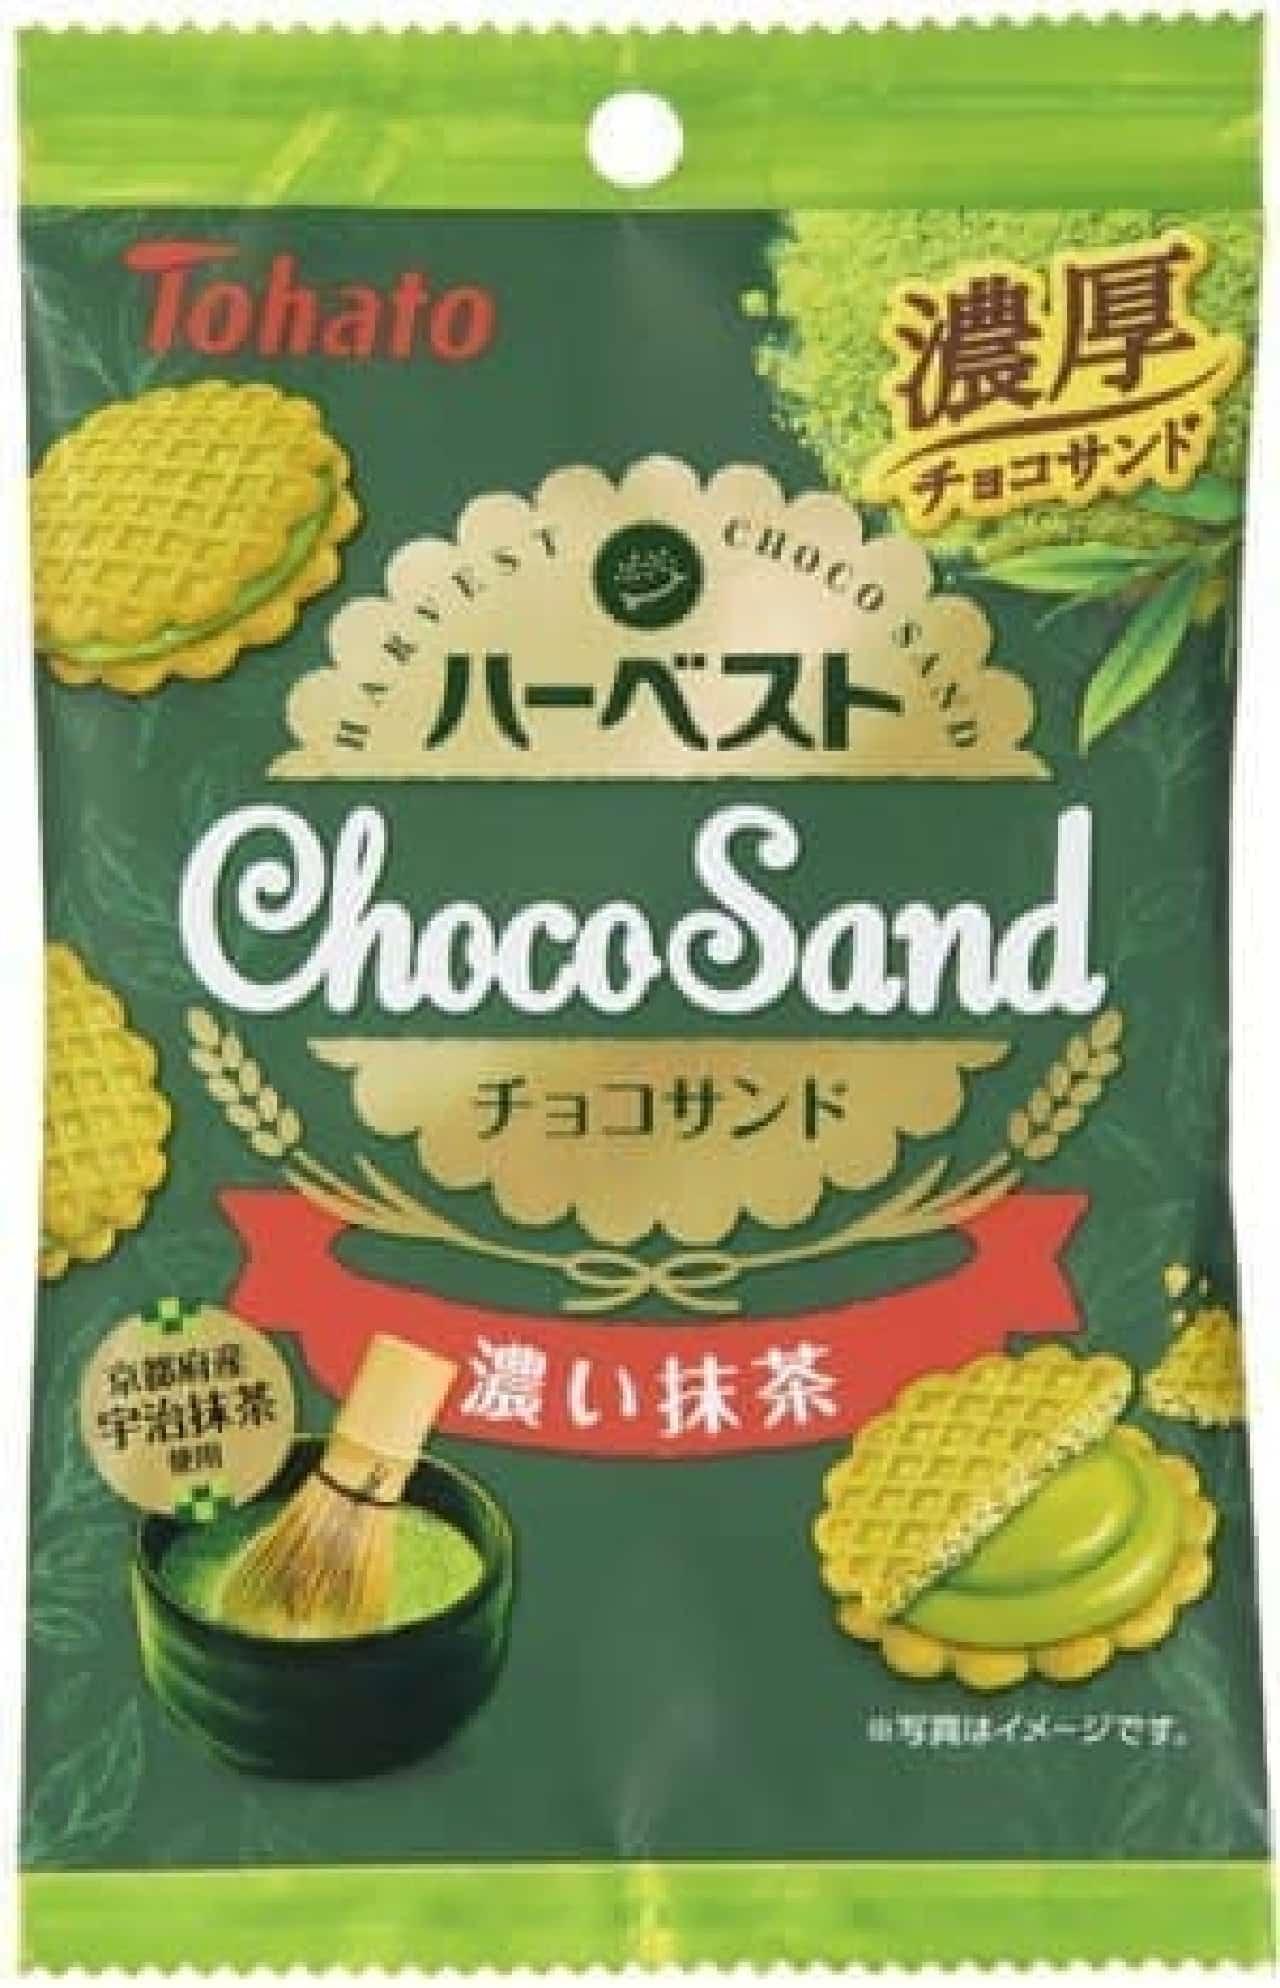 東ハト「ハーベストチョコサンド・濃い抹茶」